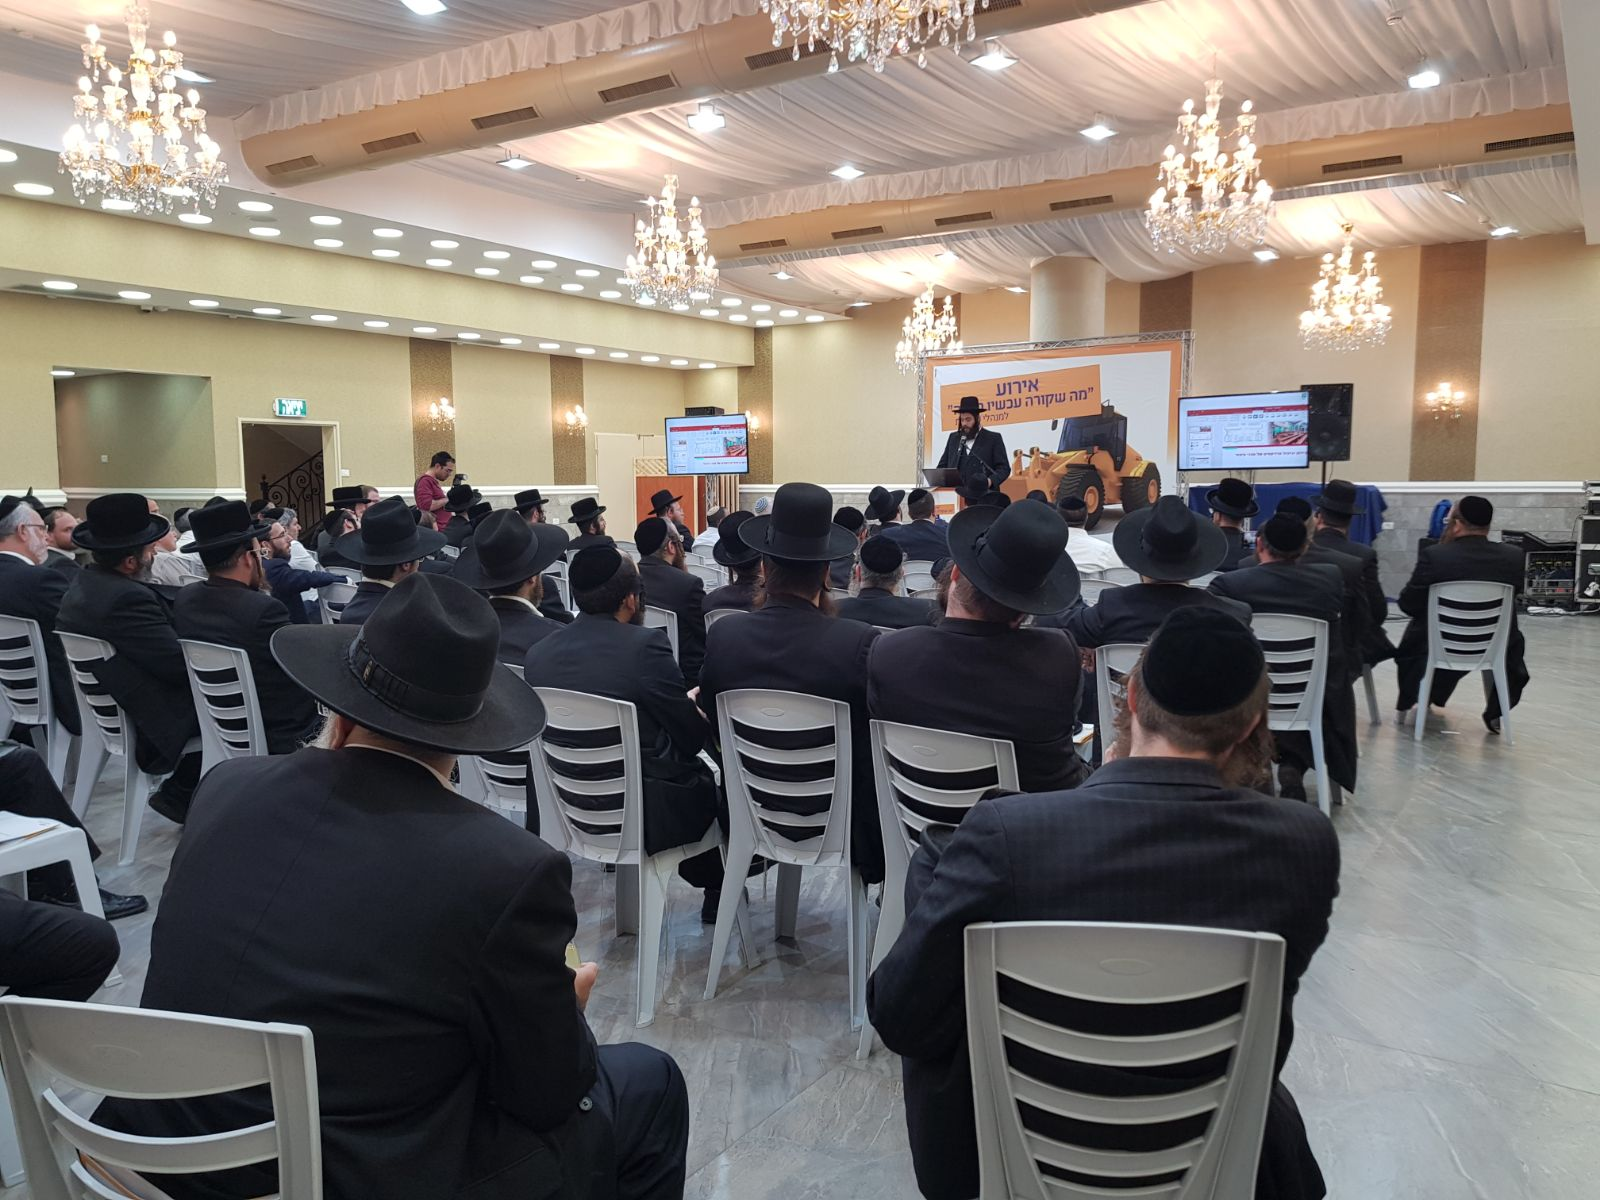 מאות מנהלי עמותות השתתפו בכנס מקצועי של פאגי ועיריית אלעד